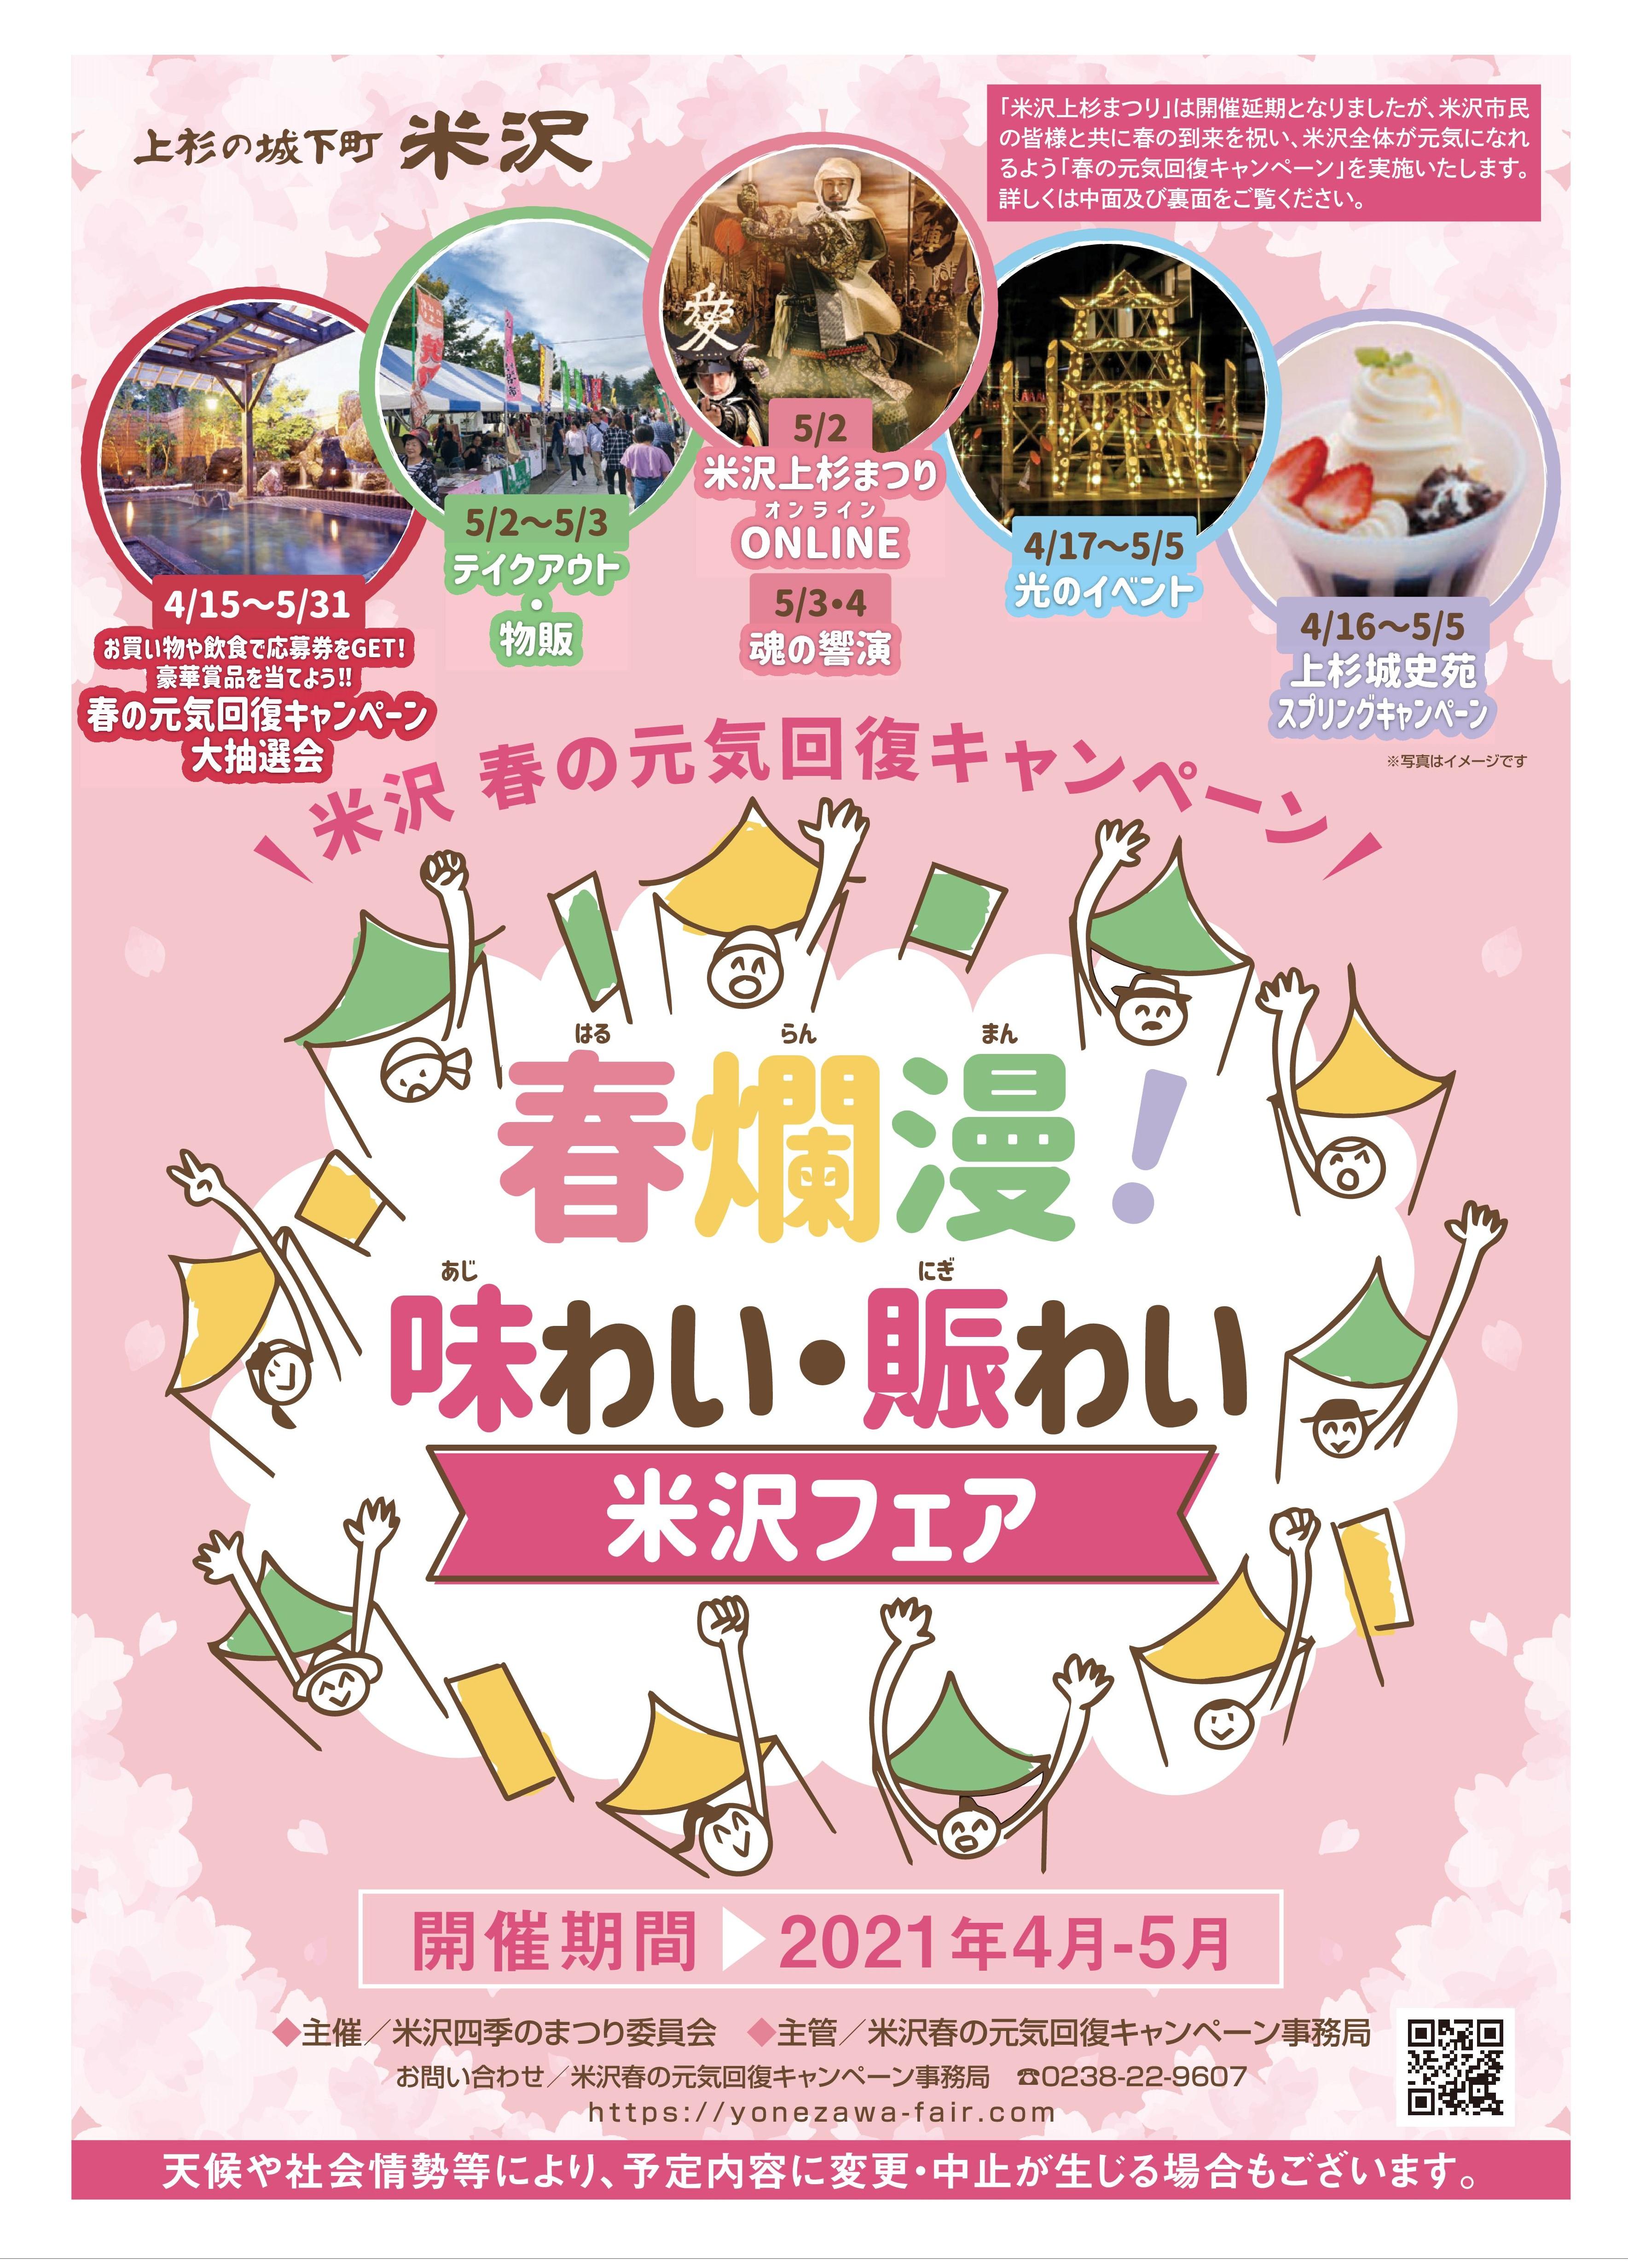 米沢春の元気回復キャンペーン開催中!「春爛漫!味わい賑わい米沢フェア」:画像